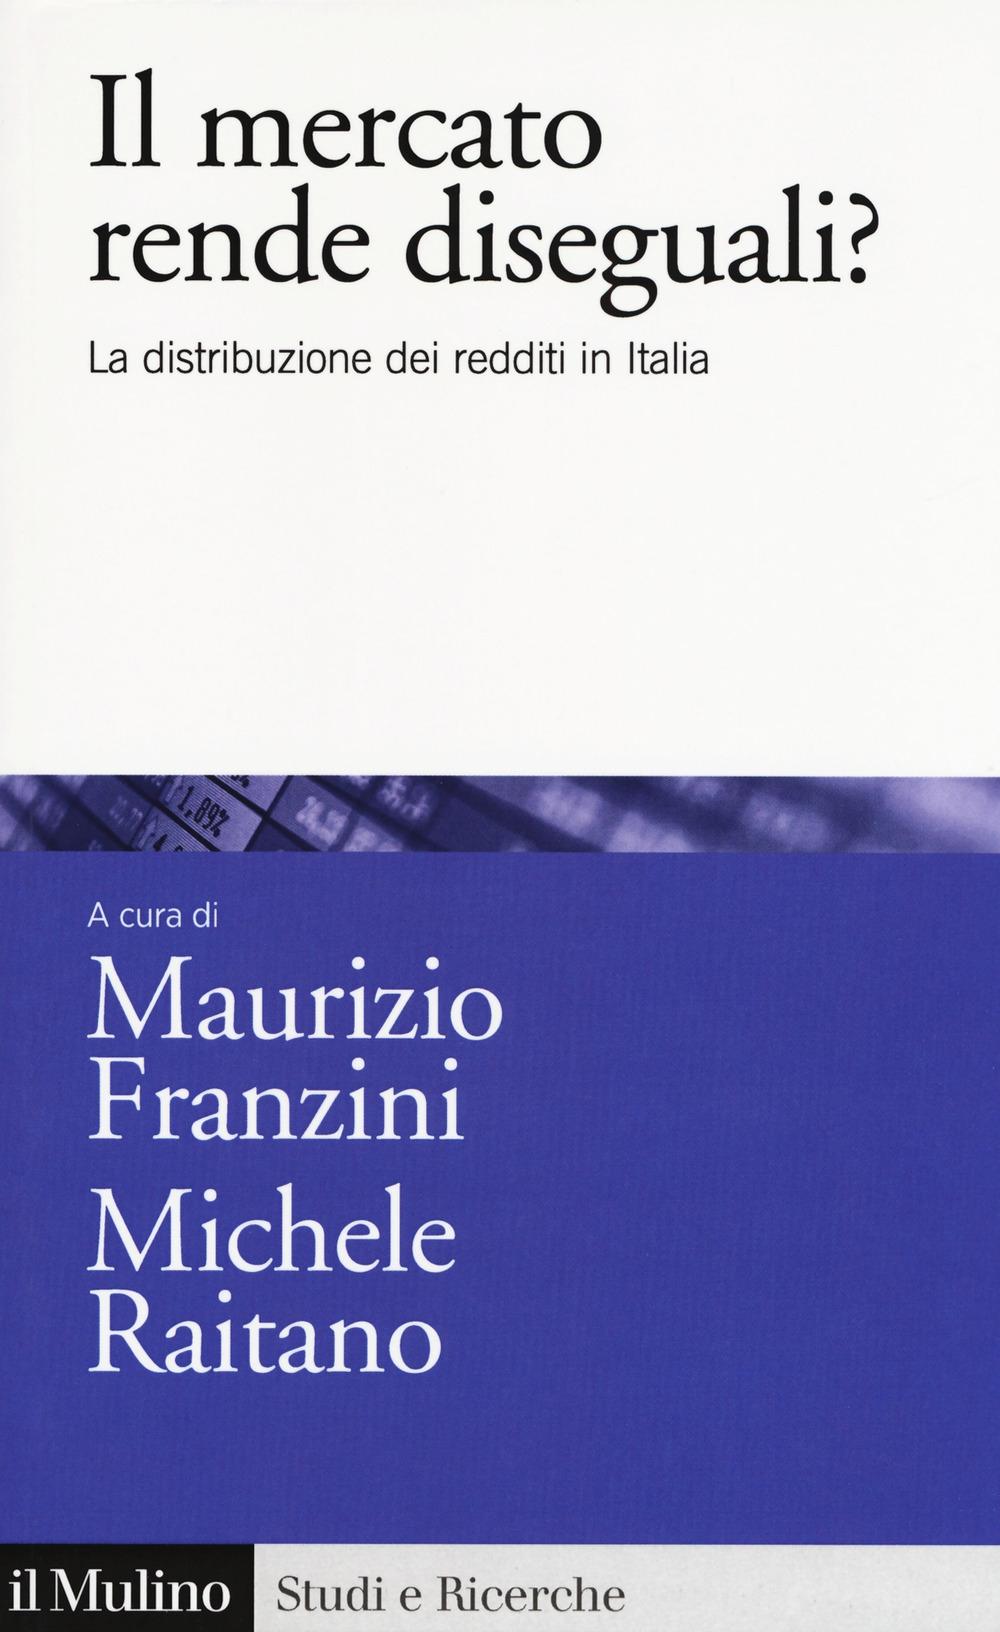 Il mercato rende diseguali? La distribuzione dei redditi in Italia